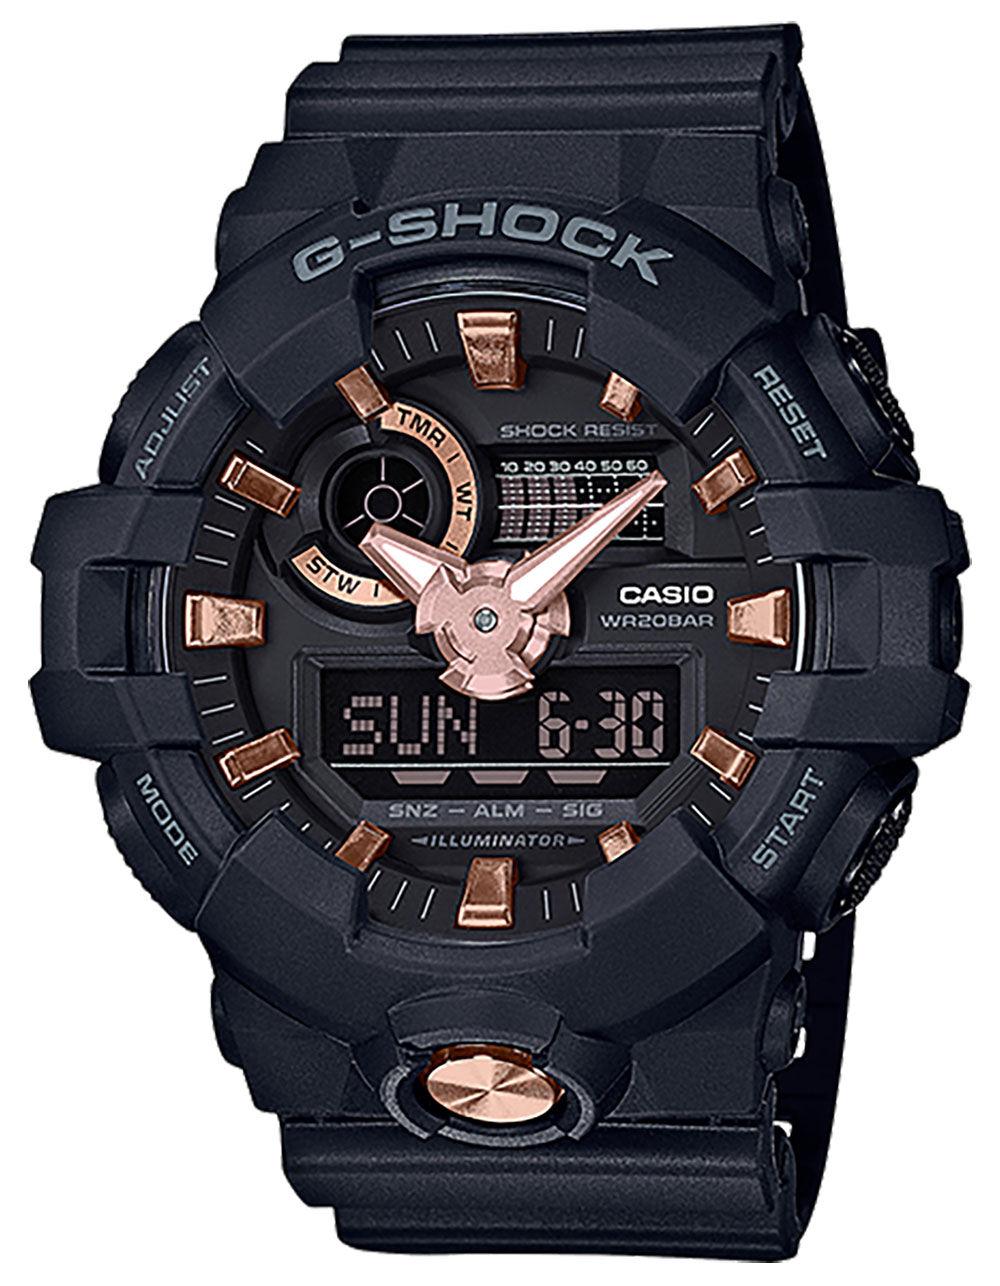 Image of G-SHOCK GA710B-1A4 BLACK & ROSE GOLD WATCH